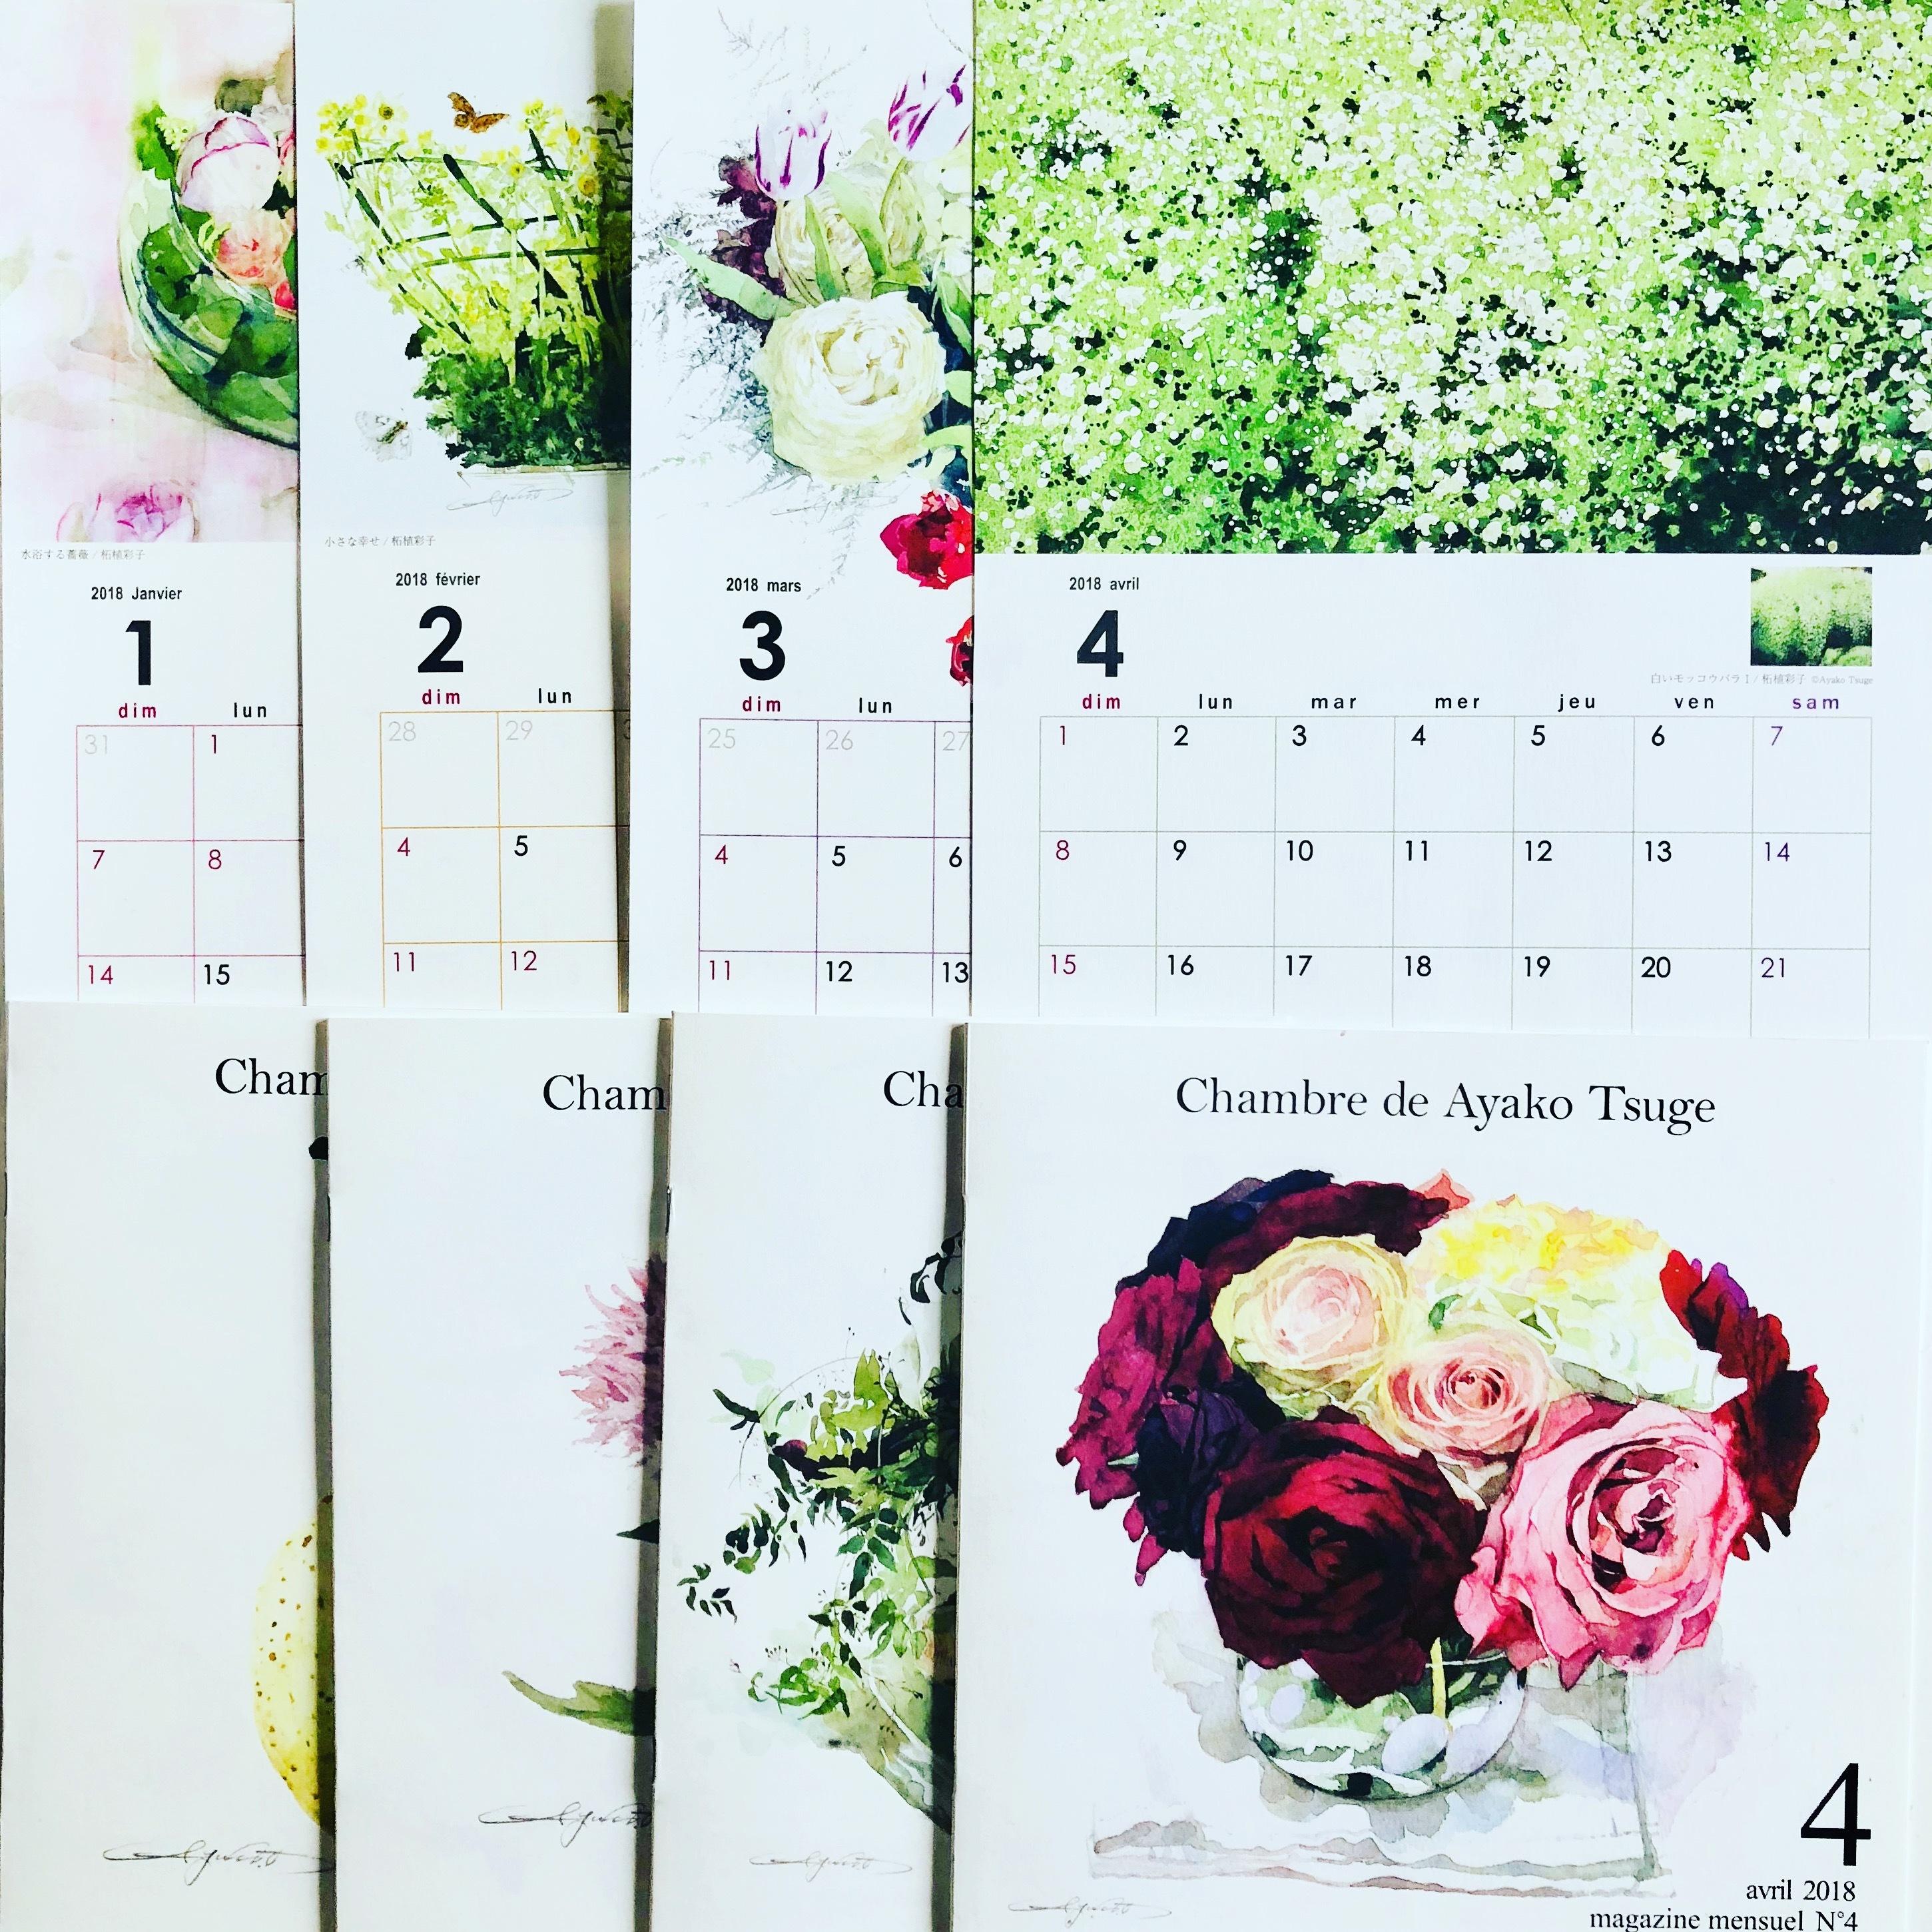 9月限定 全巻まとめて水彩ジャーナル1~9月号と月刊誌10月号から12月号まで